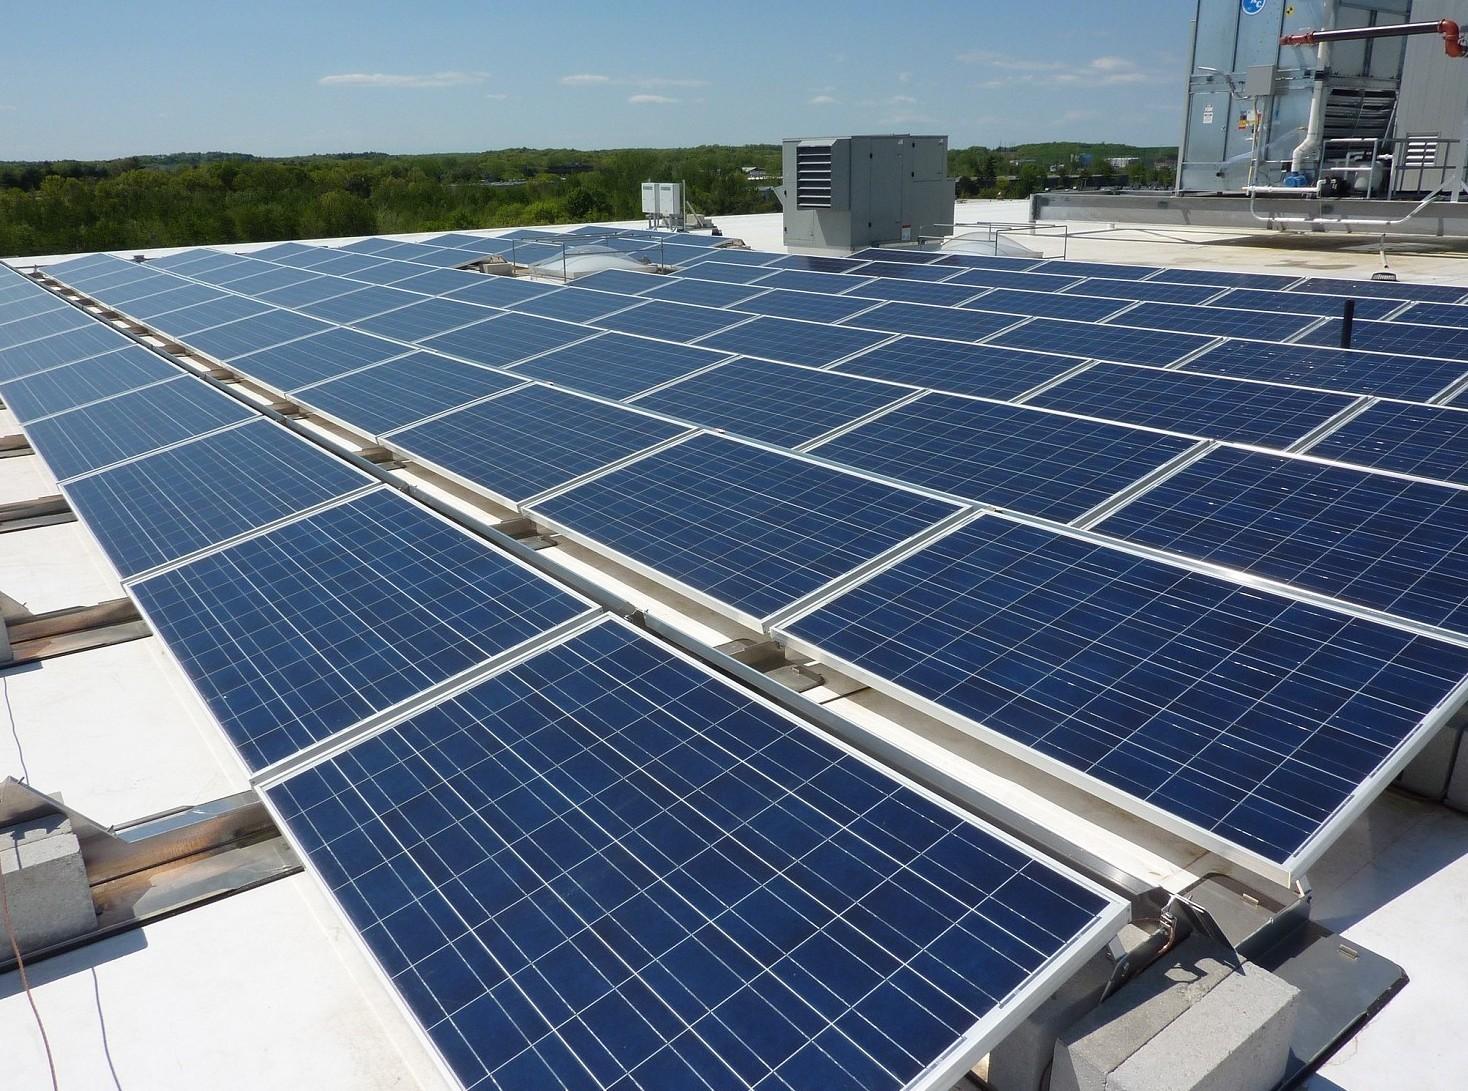 Vendere Energia Elettrica Da Fotovoltaico impianti fotovoltaici in condominio condivisi con